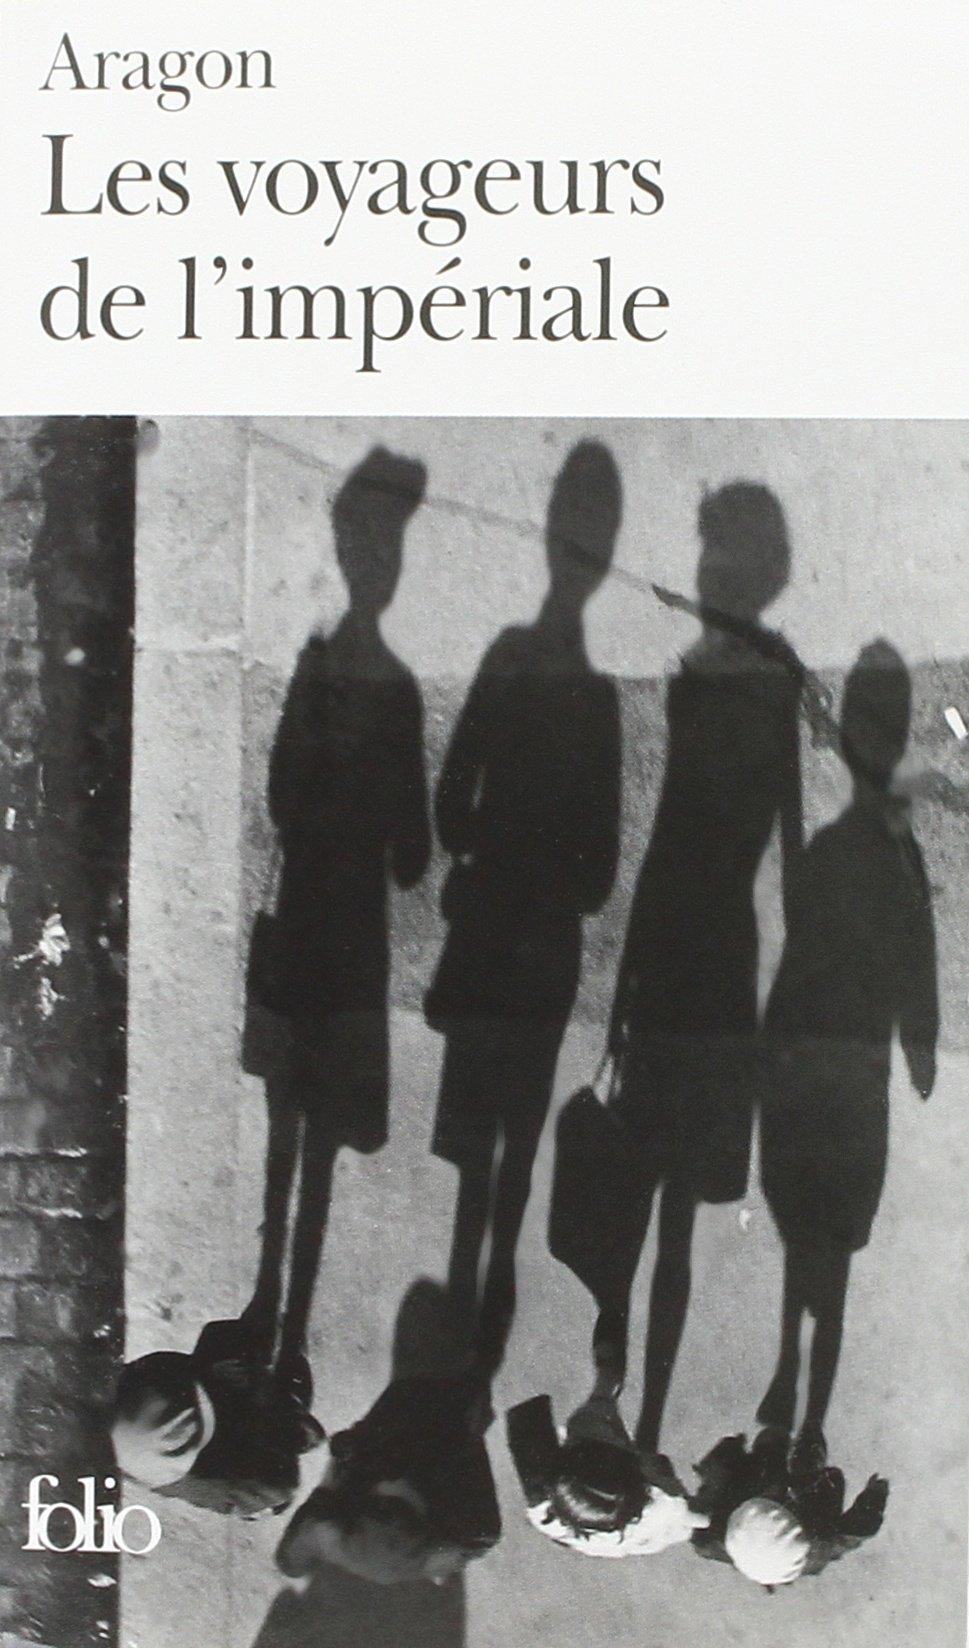 Les voyageurs de l'impériale (cycle Le Monde Réel, T3) - Louis Aragon